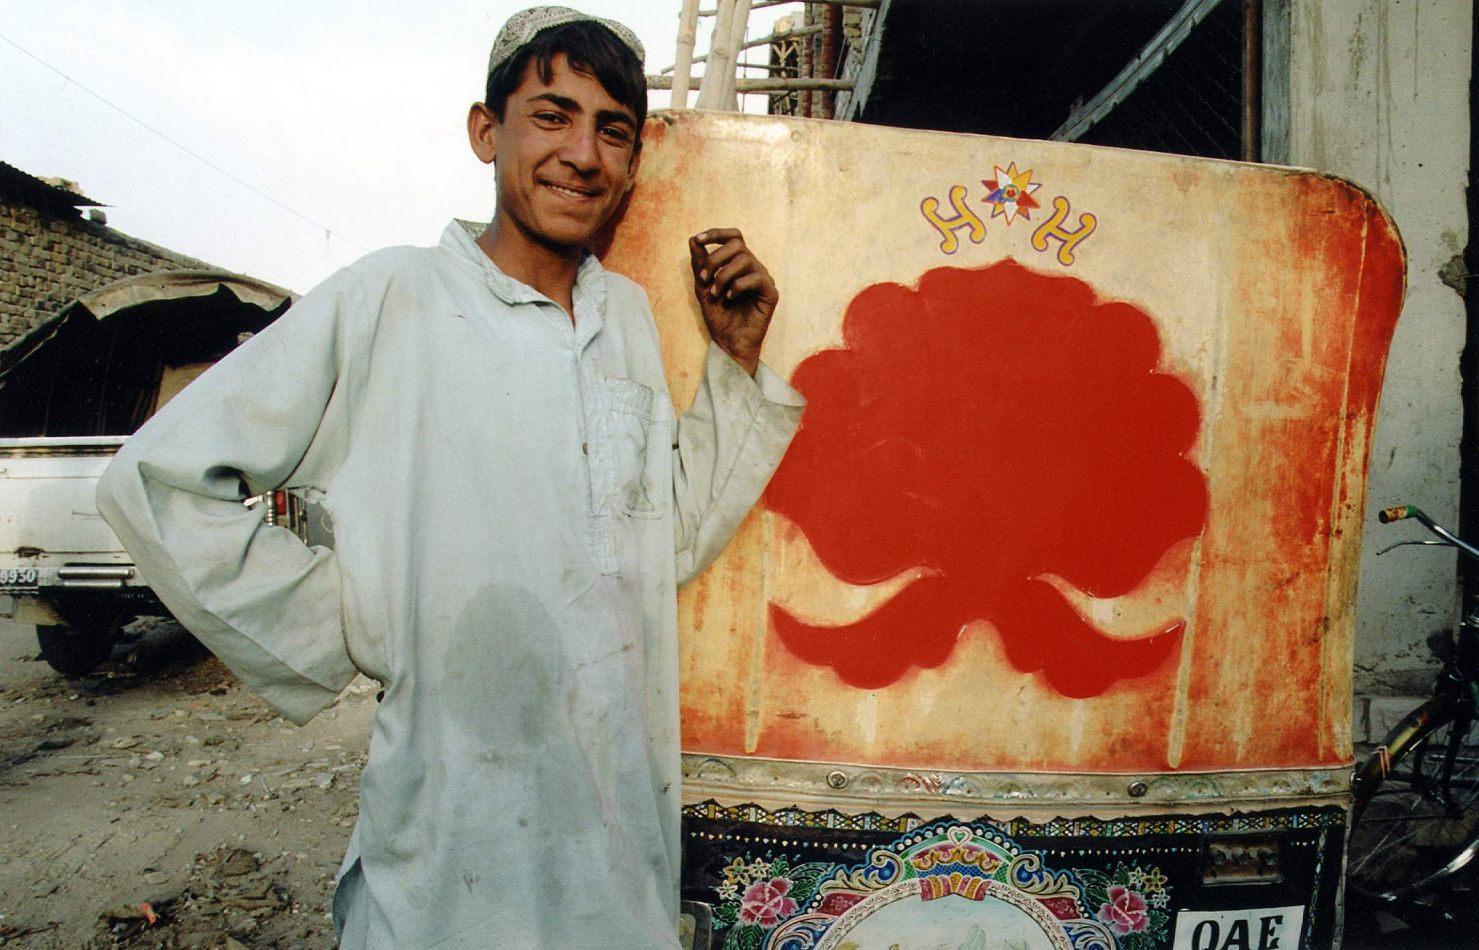 Anthony Ellis Photography: Zindabad - The Tuk Tuk Driver